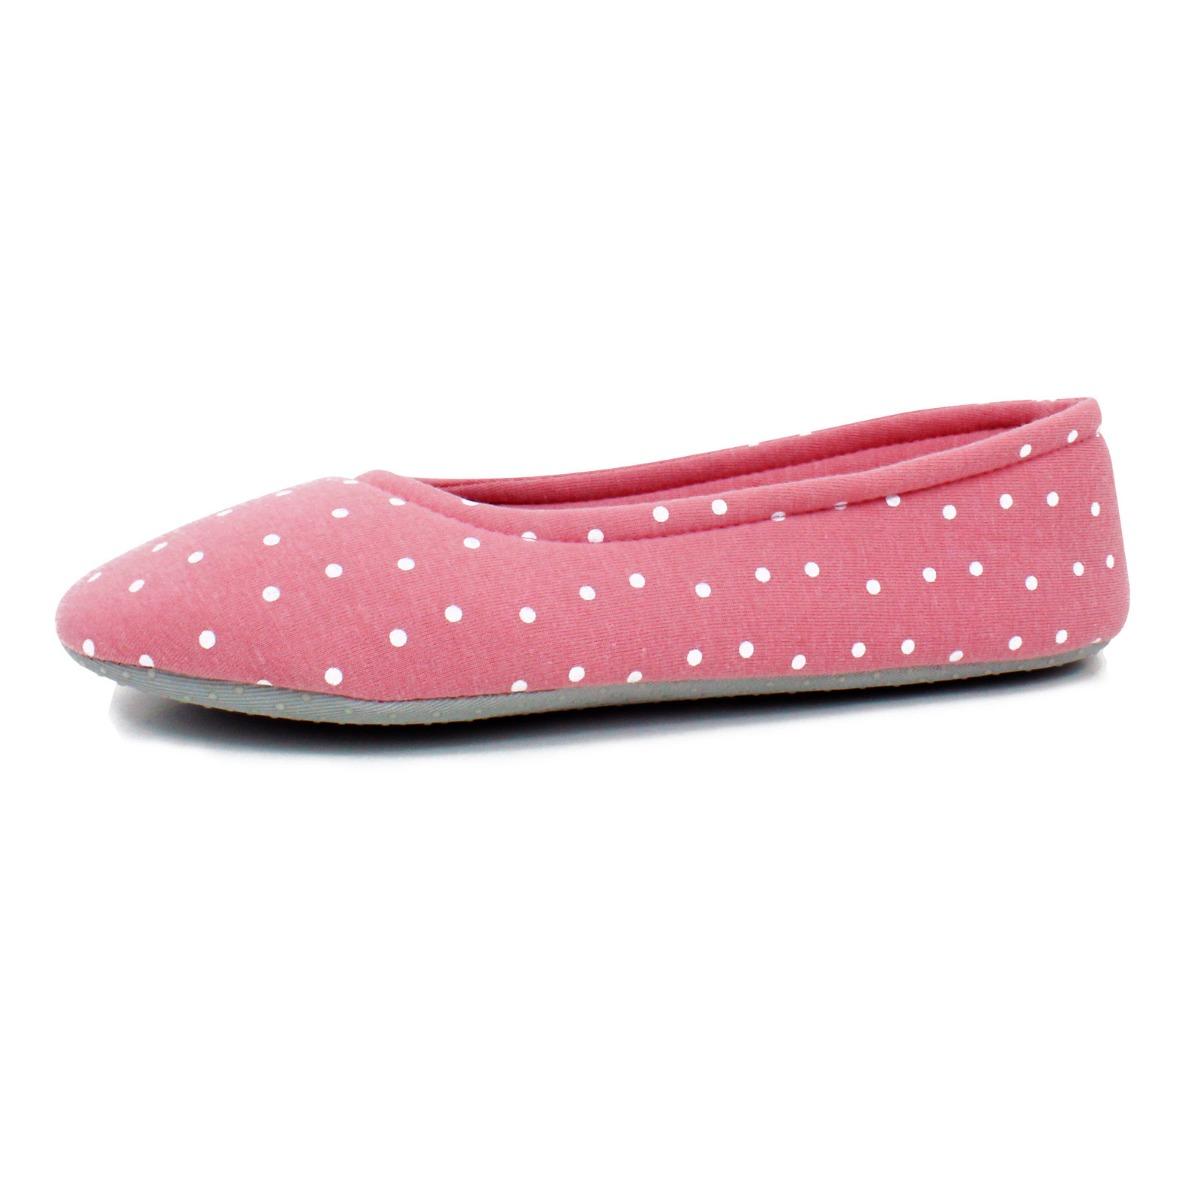 Para-mujer-Resbalon-en-Zapatos-De-Ballet-Ballerina-Tenis-Calcetines-Casa-Para-Damas-Ninas-Talla-4-8 miniatura 19